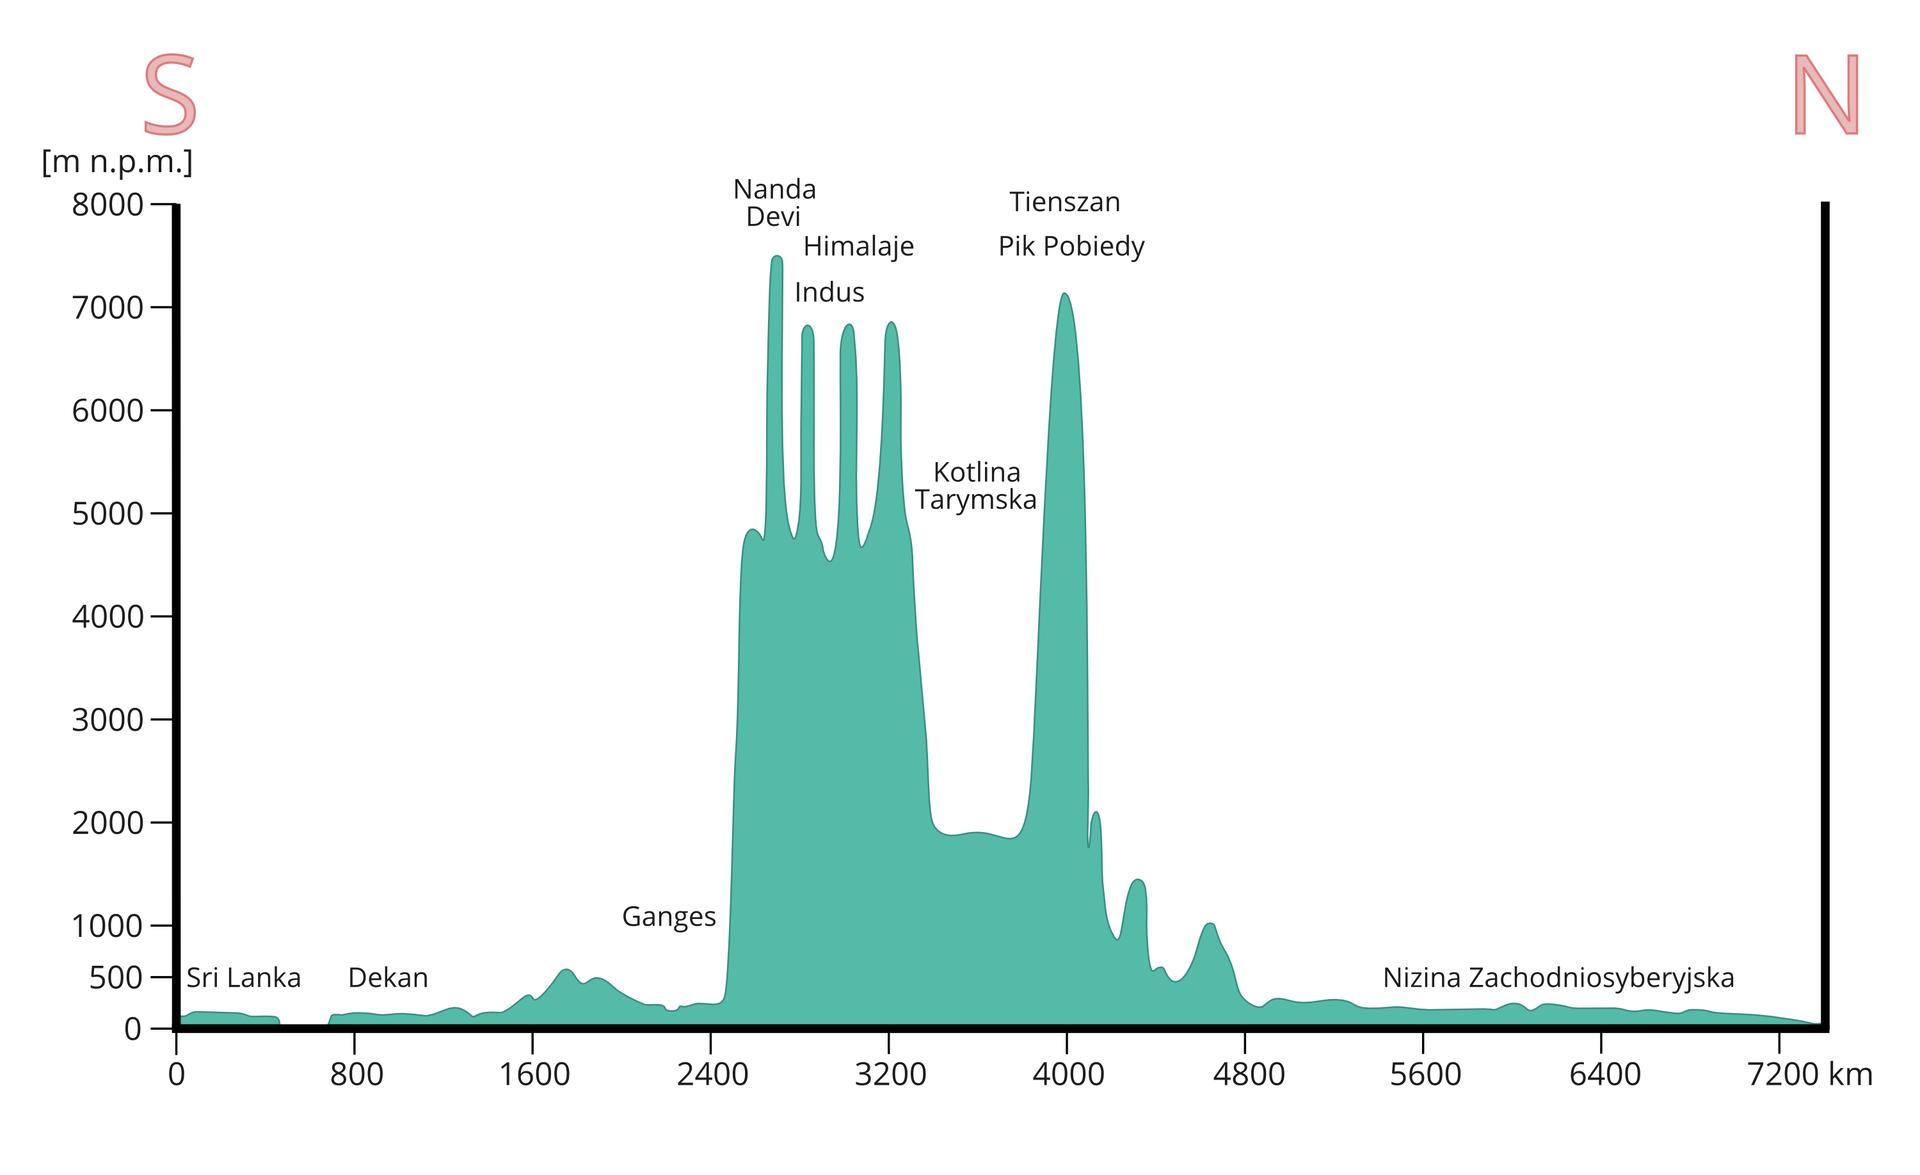 """Ilustracja przedstawia profil hipsometryczny Azji. Profil umieszczony na wykresie. Oś pionowa to skala wyrażona wmetrach. Podziałka co tysiąc metrów. Skala kończy się na ośmiu tysiącach metrów. Metry wskazują wysokość nad poziomem morza. Oś pozioma to skala liczbowa wkilometrach. Podziałka liczbowa co osiemset kilometrów. Skala kończy się na siedmiu tysiącach kilometrów idwustu metrach. Nad lewą pionową osią duża litera """"es"""". Nad prawą osią pionową duża litera """"en"""". Profil Azji wskazuje różnice wysokości. Wpunkcie przecięcia osi najniższy teren to Sri Lanka. Na prawo Dekan. Po tysiąc sześciuset kilometrach wysokość terenu wzrasta do pięciuset metrów nad poziomem morza. Następnie opada. Po dwóch tysiącach kilometrów wysokość gwałtownie wzrasta ponad siedem tysięcy metrów. Najwyższe miejsca to Nanda Devi, nieco niżej opisane Himalaje, wjednej zdolin Indus. Następnie wprawo, wykres opada do dwóch tysięcy metrów nad poziomem morza. To Kotlina Tarymska. Po około trzech tysiącach kilometrów iośmiuset metrach wysokość ponownie wzrasta ponad siedem tysięcy metrów. To góry Tienszan iich najwyższy szczyt Pik Pobiedy. Po czterech tysiącach kilometrów wysokość gwałtownie pionowo spada do tysiąca metrów. Wysokość stopniowo spada do kilkuset metrów. Teren nizinny to Nizina Zachodniosyberyjska."""